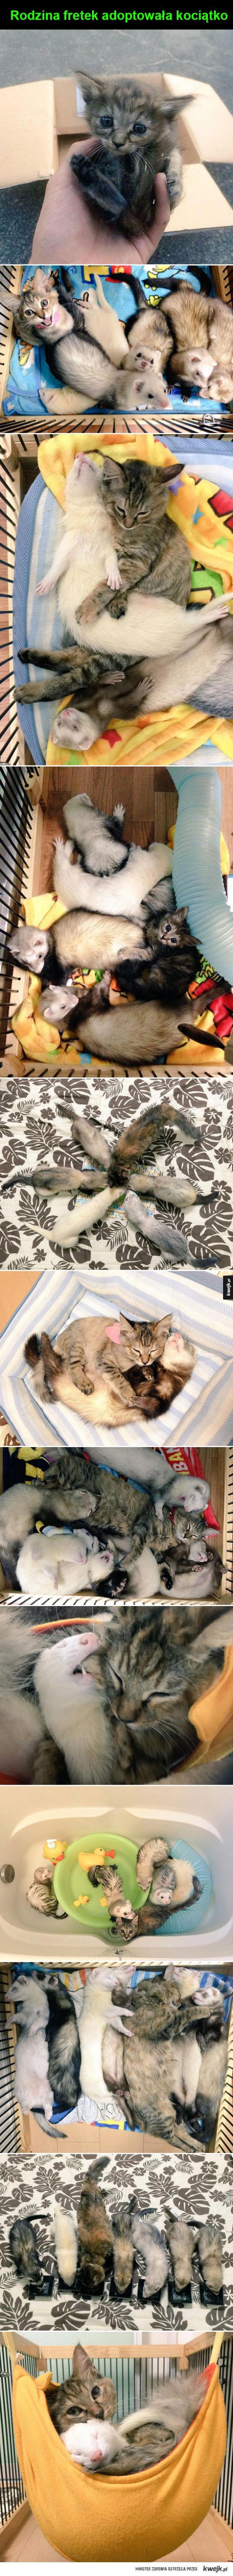 Adoptowanie kociątka